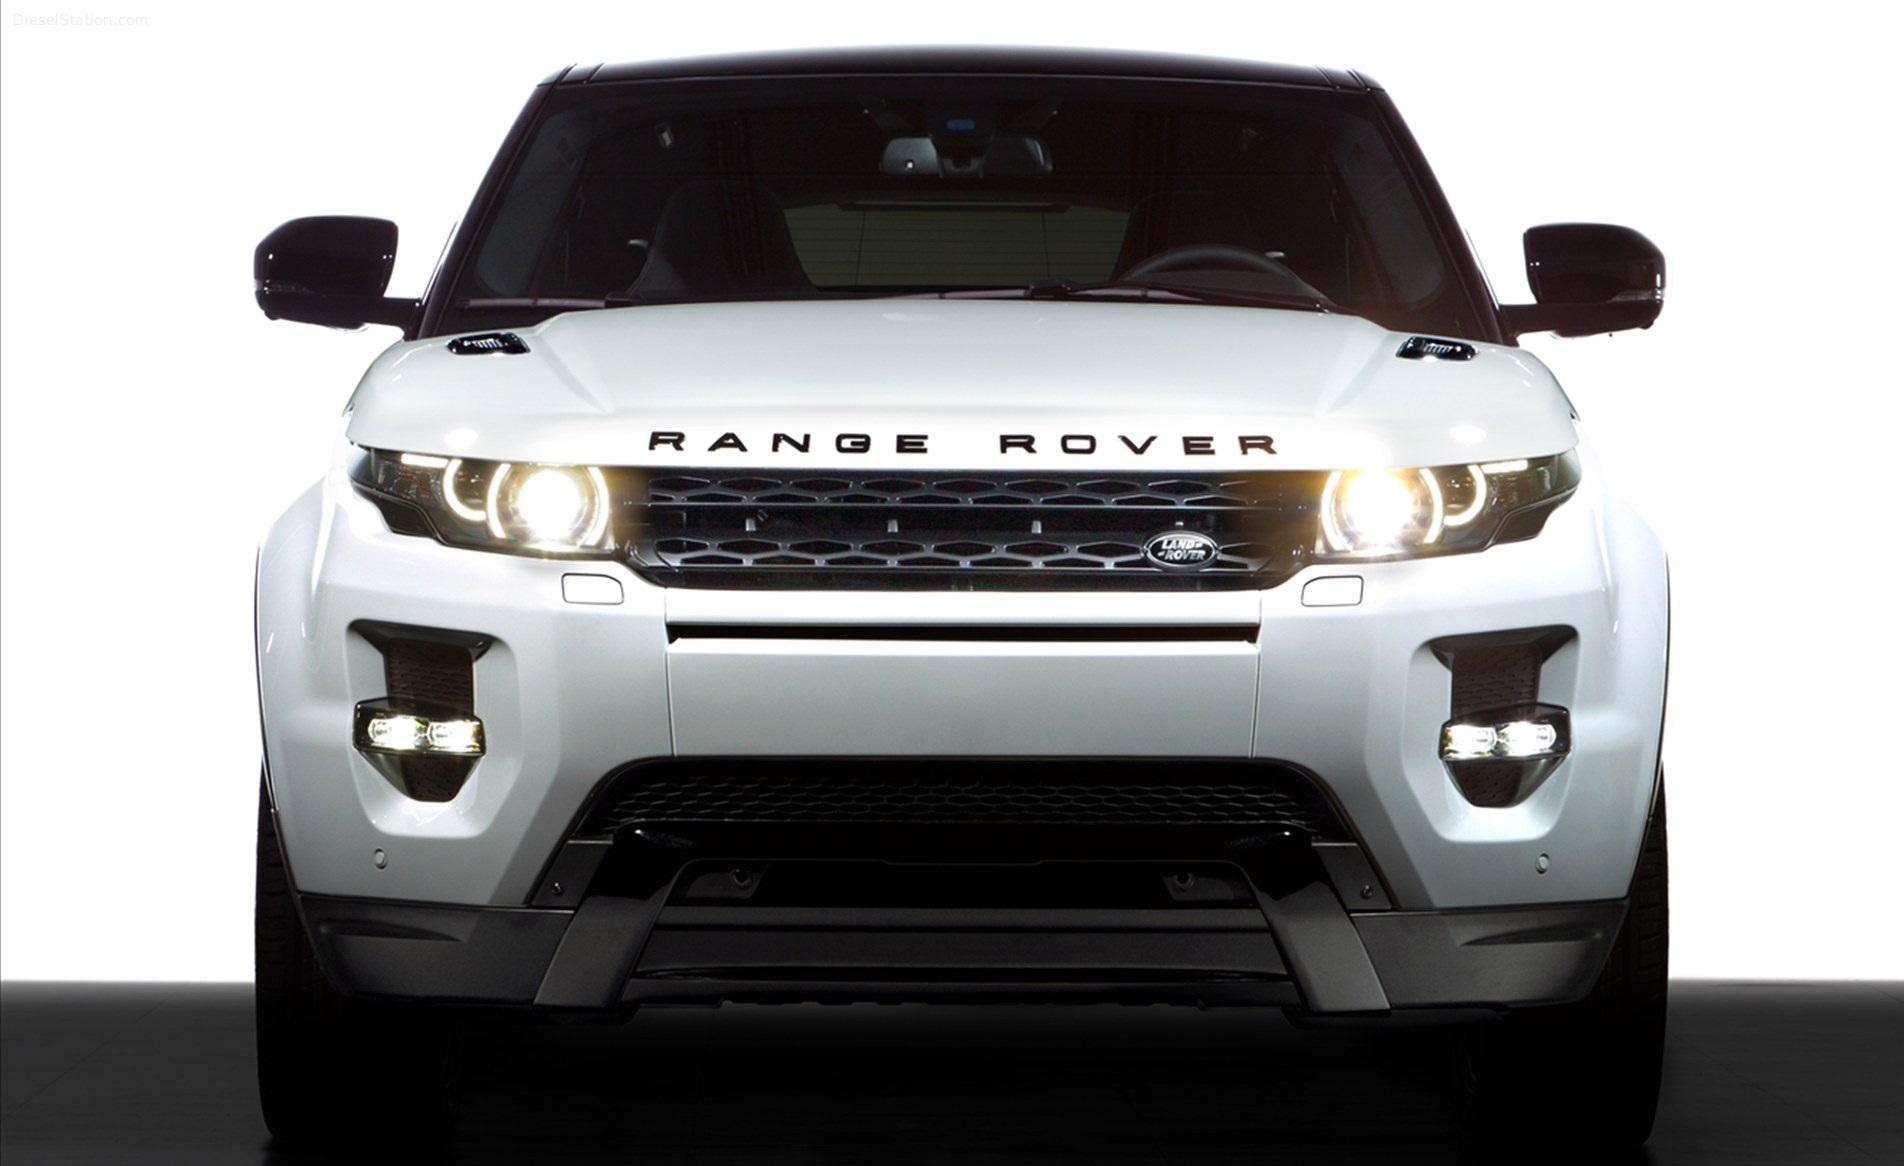 مساعده أنور أمامية وخلفية وشبك للـ FJ بتصميم Range Rover Evoque